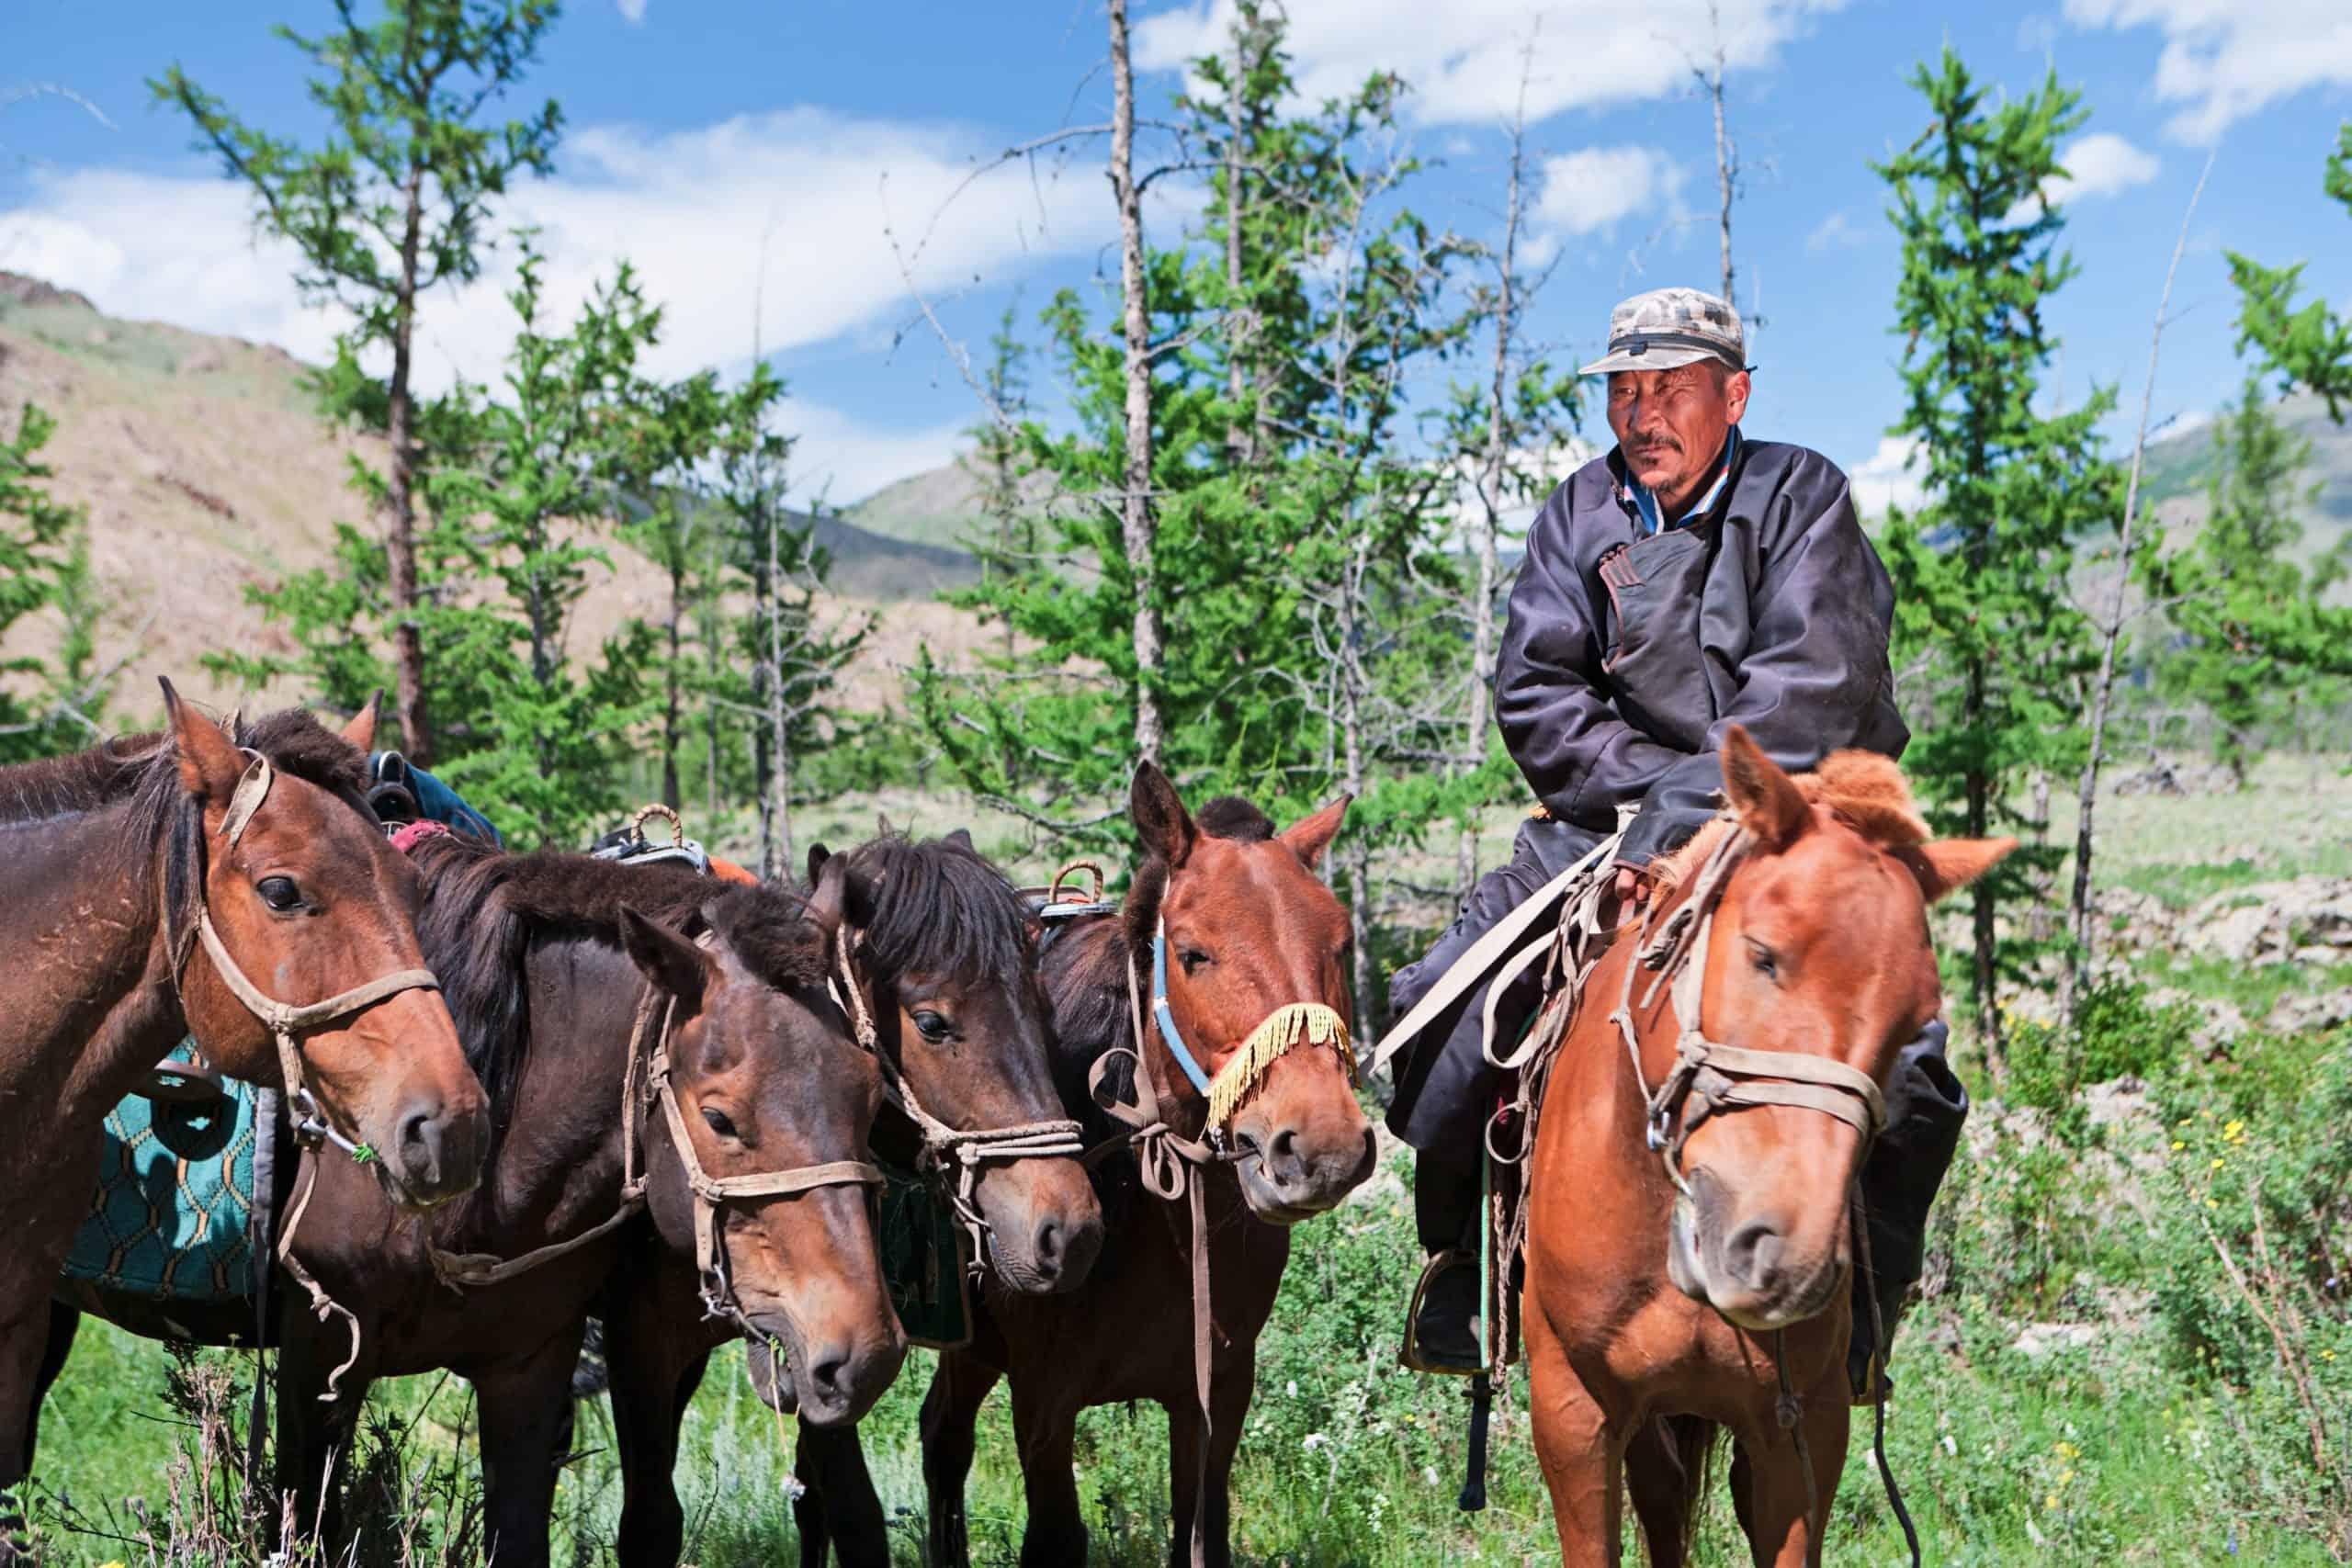 Mongolian horseback rider, mountains in background.http://bem.2be.pl/IS/mongolia_380.jpg